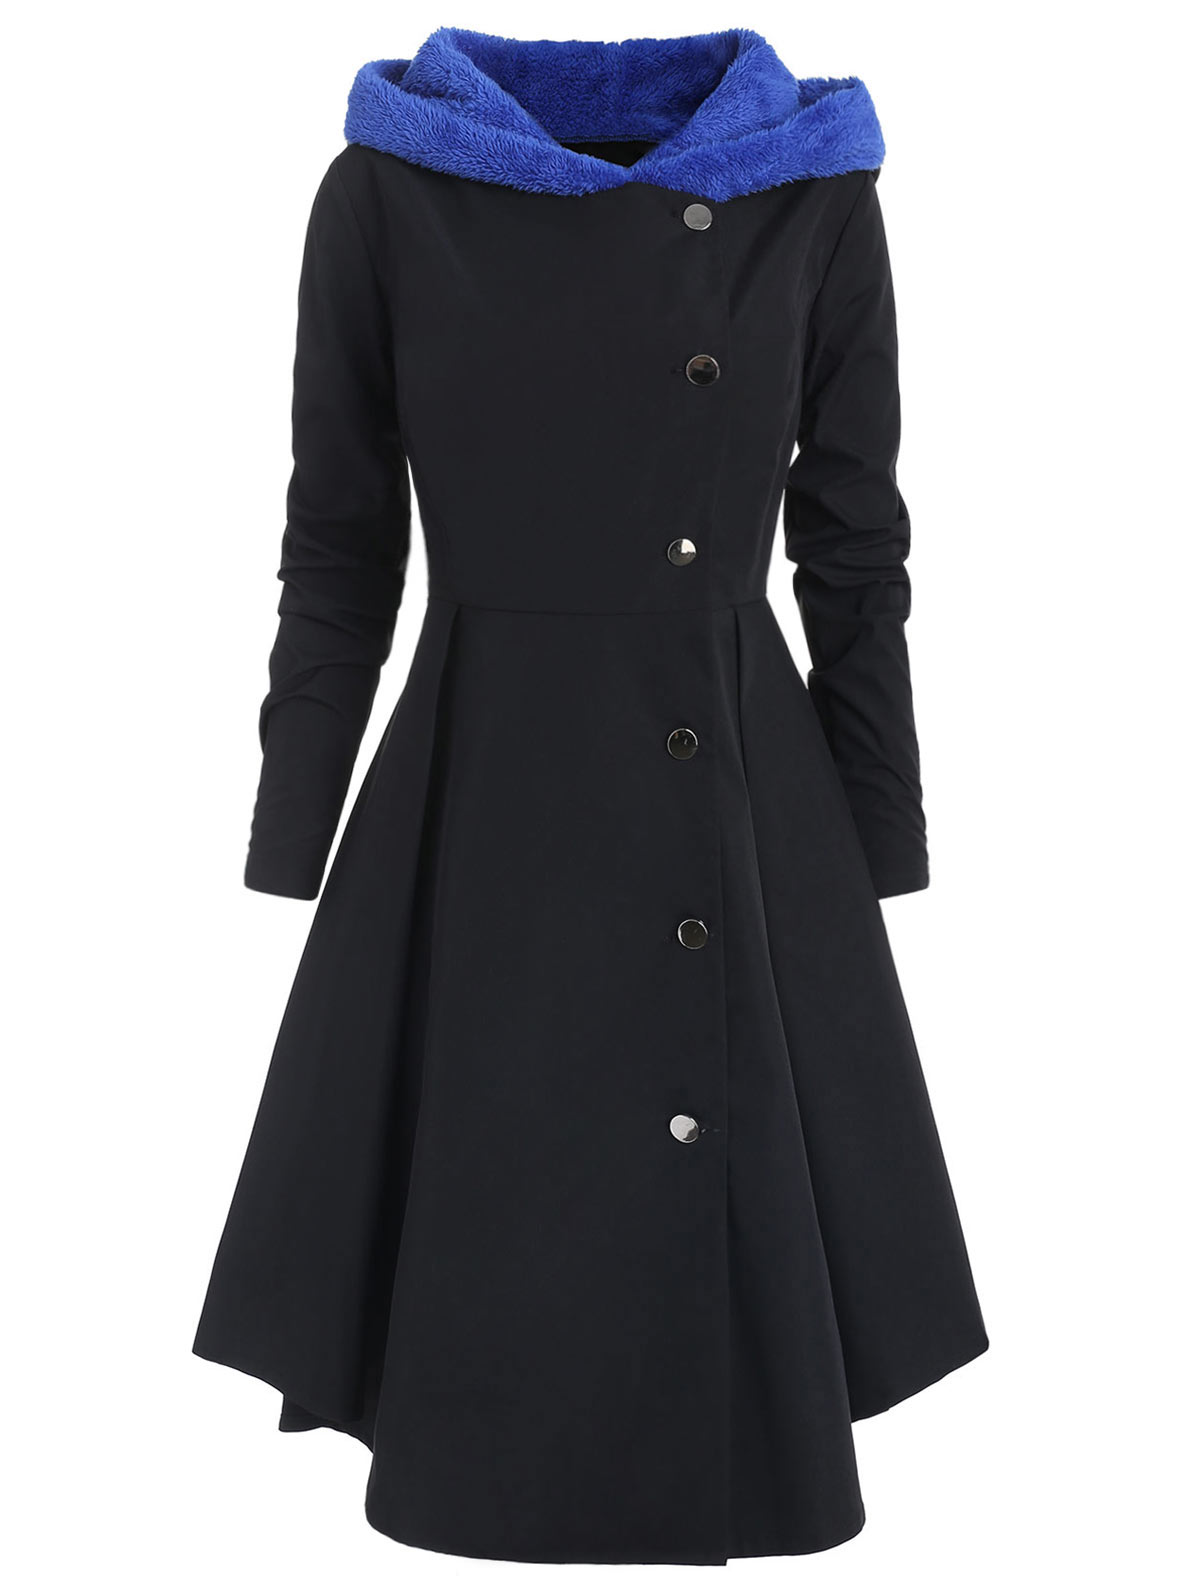 Wipalo Winter Plus Size Asymmetric Fleece Contrast Hooded Skirted Coat Women Coat Single Breasted Color Block Long Outwear Coats